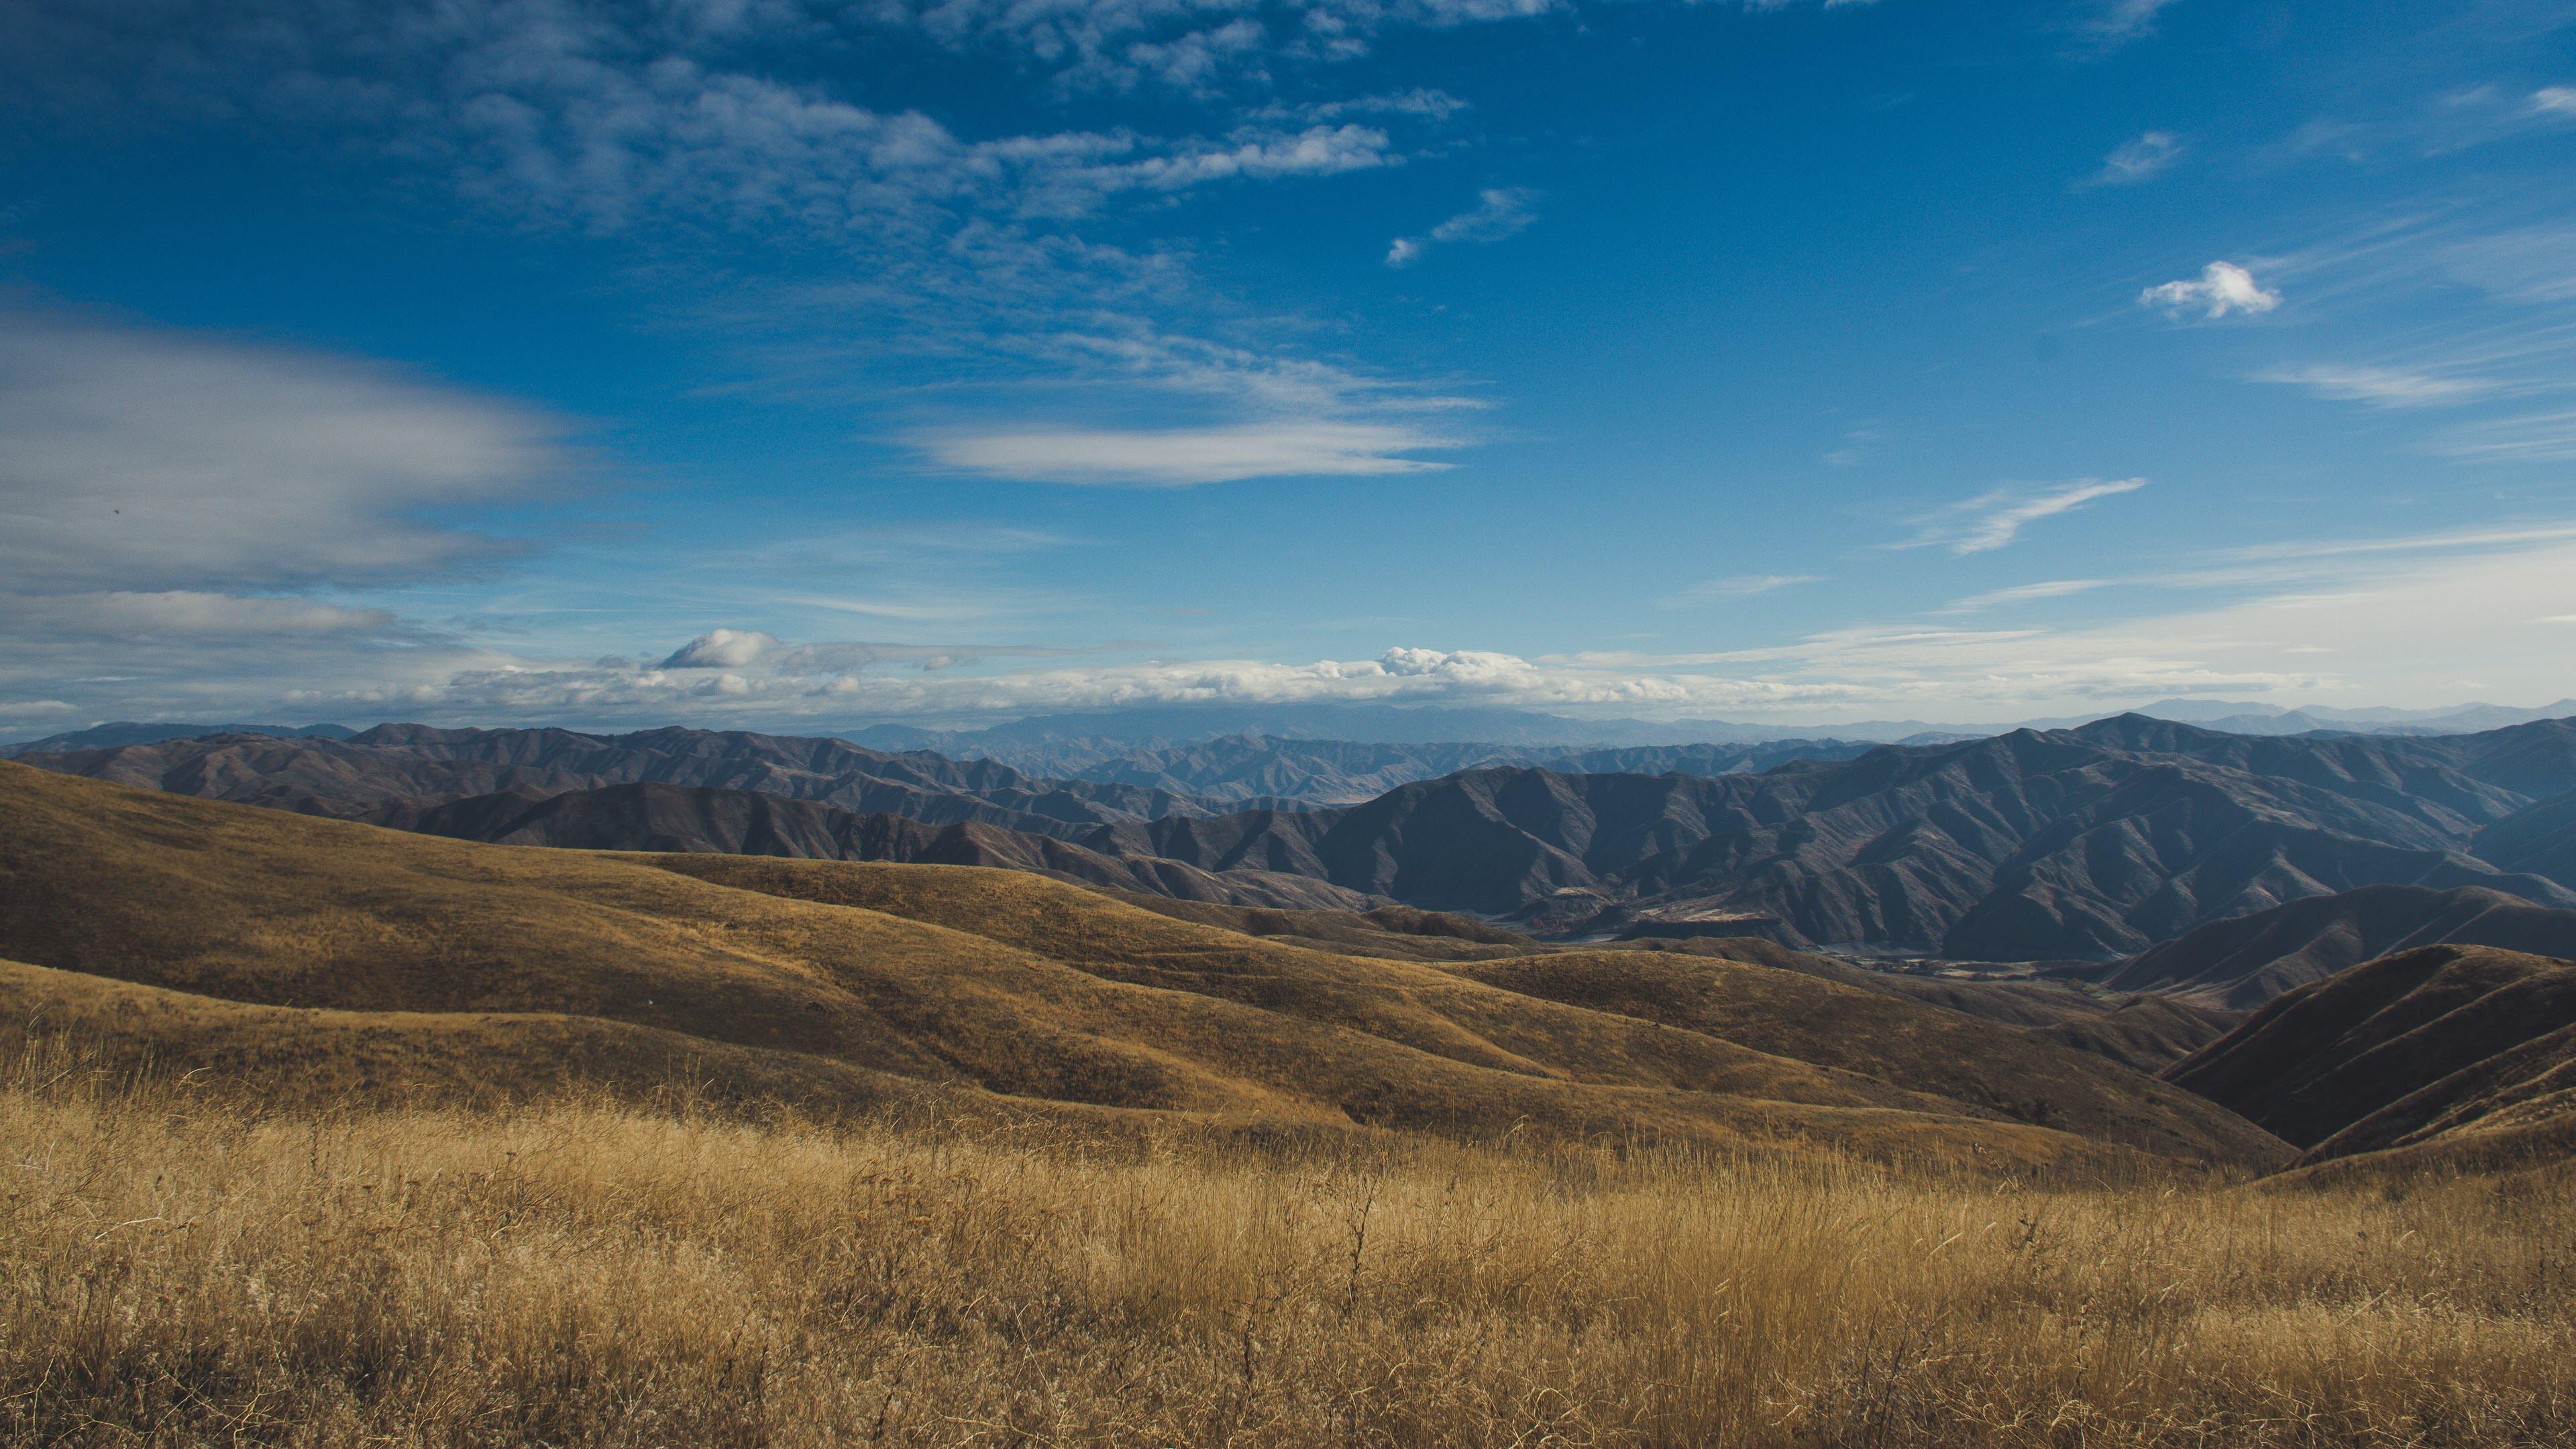 Hình nền phong cảnh 4K